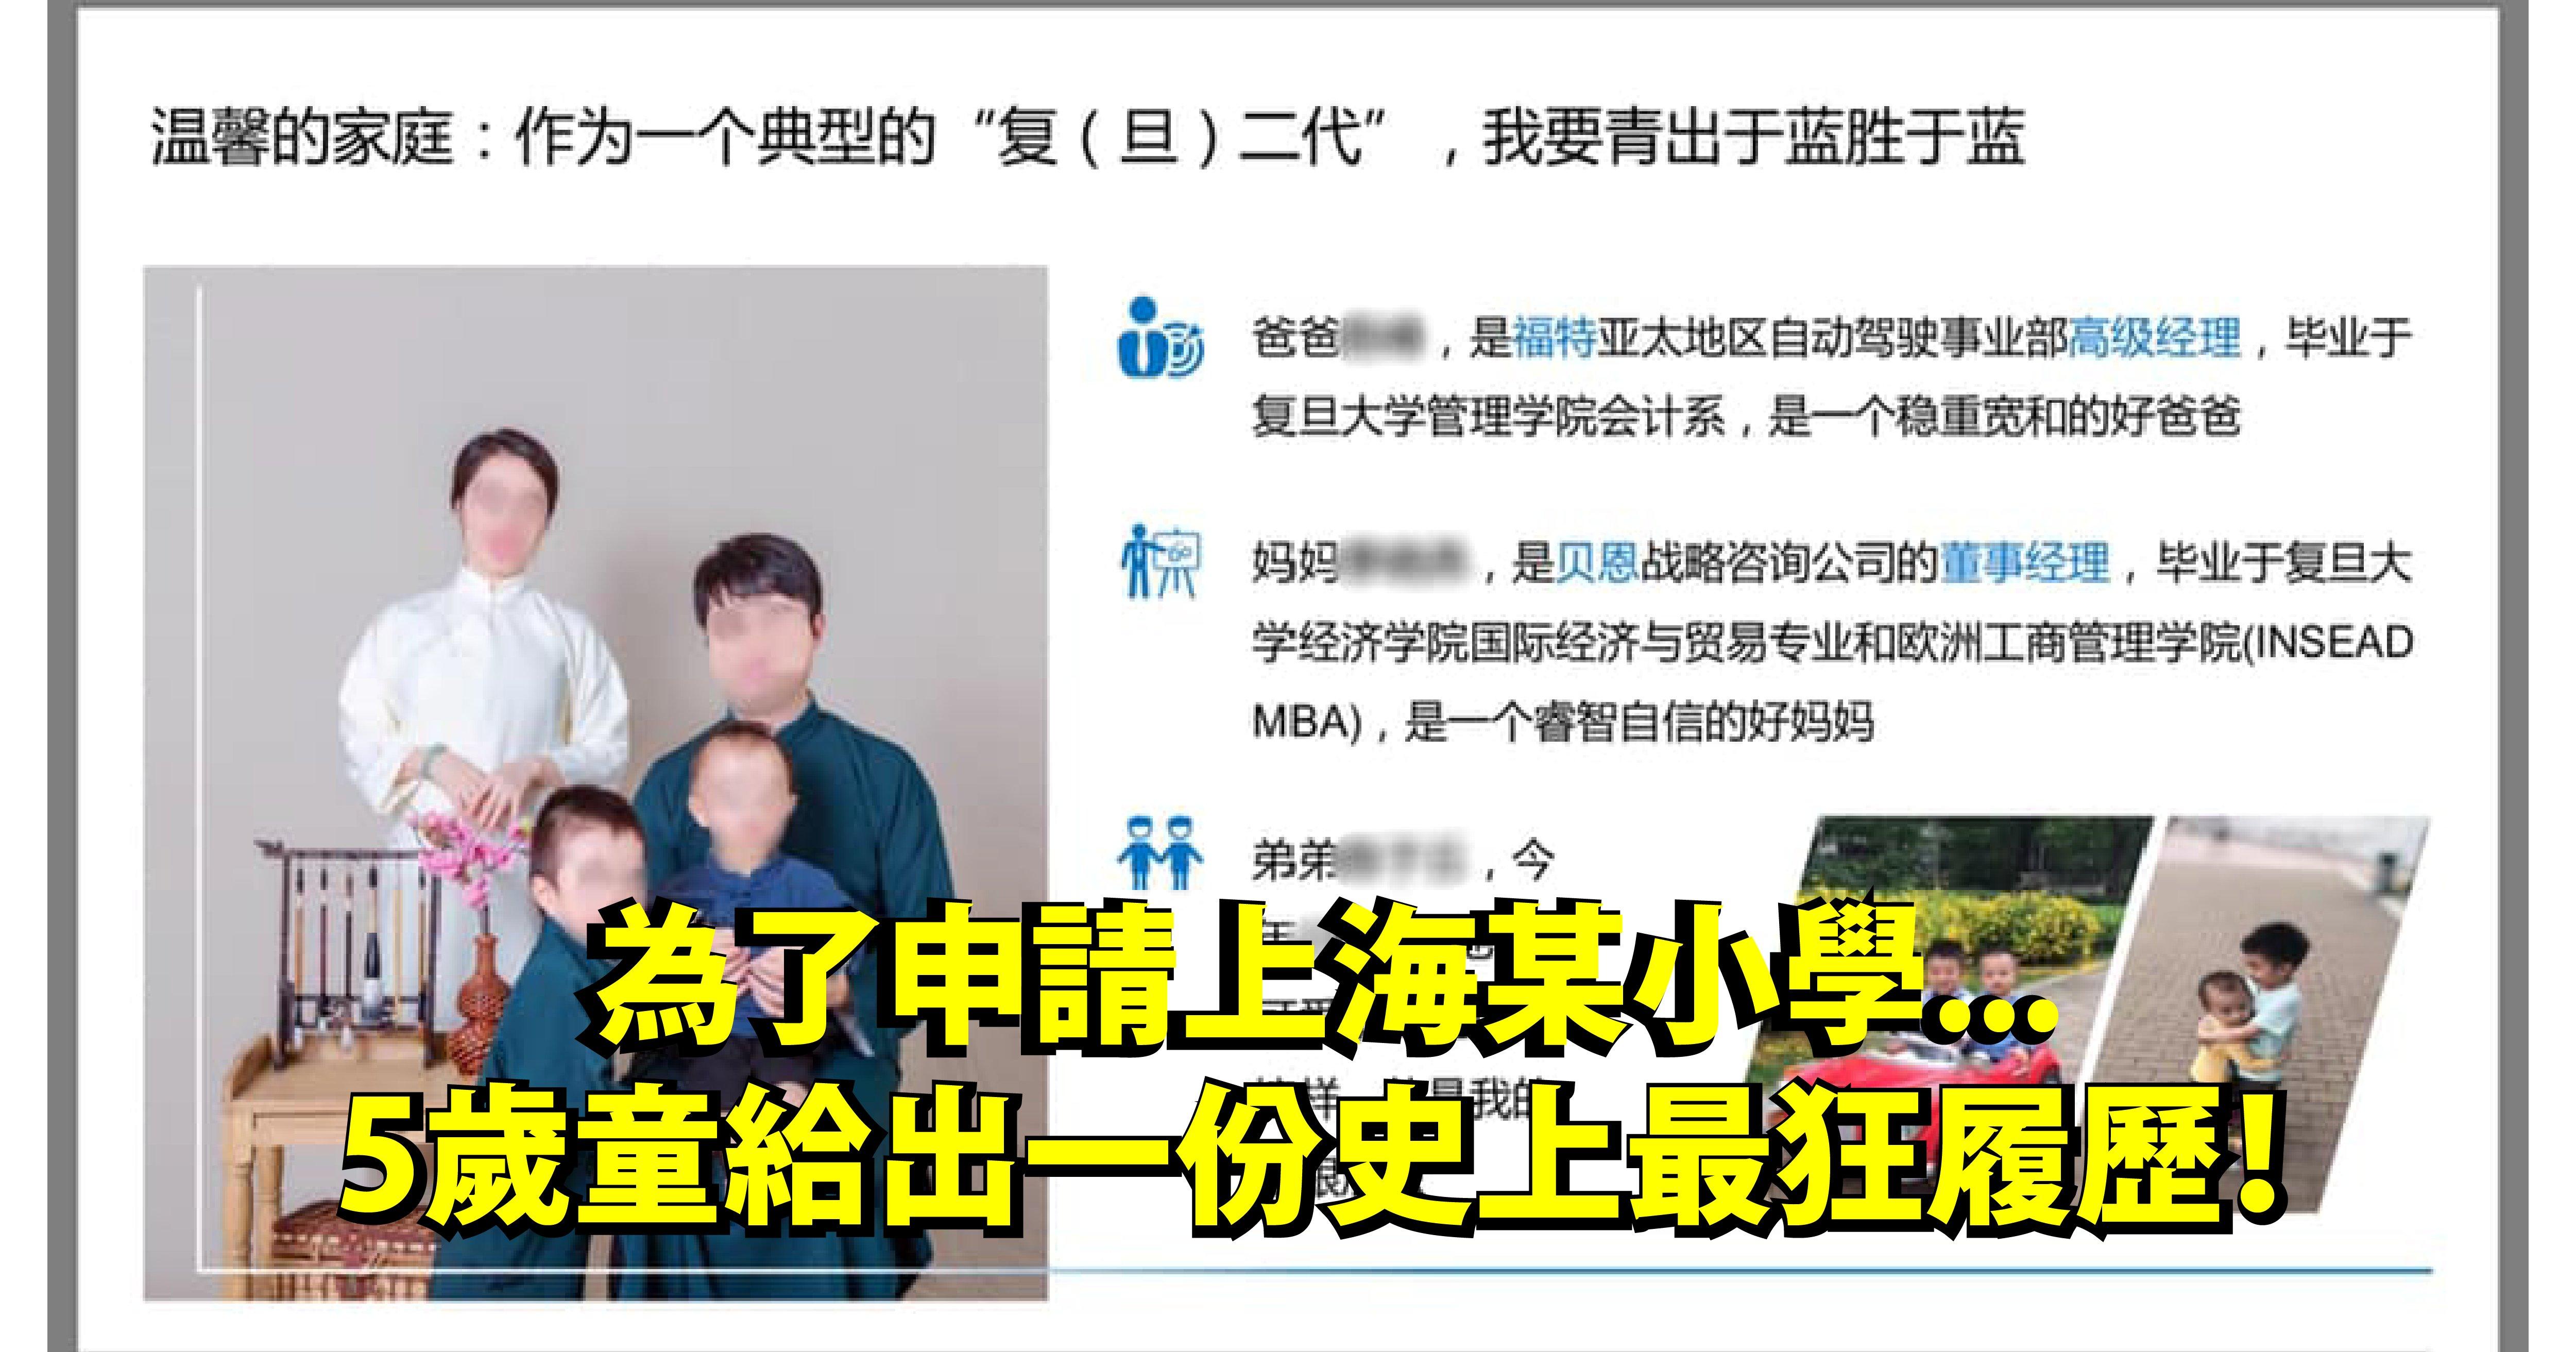 e5b081e99da2 02.png?resize=412,232 - 強國94狂!5歲童申請上海某小學交出的「15頁履歷媲美商業報告」... 網友全驚呆